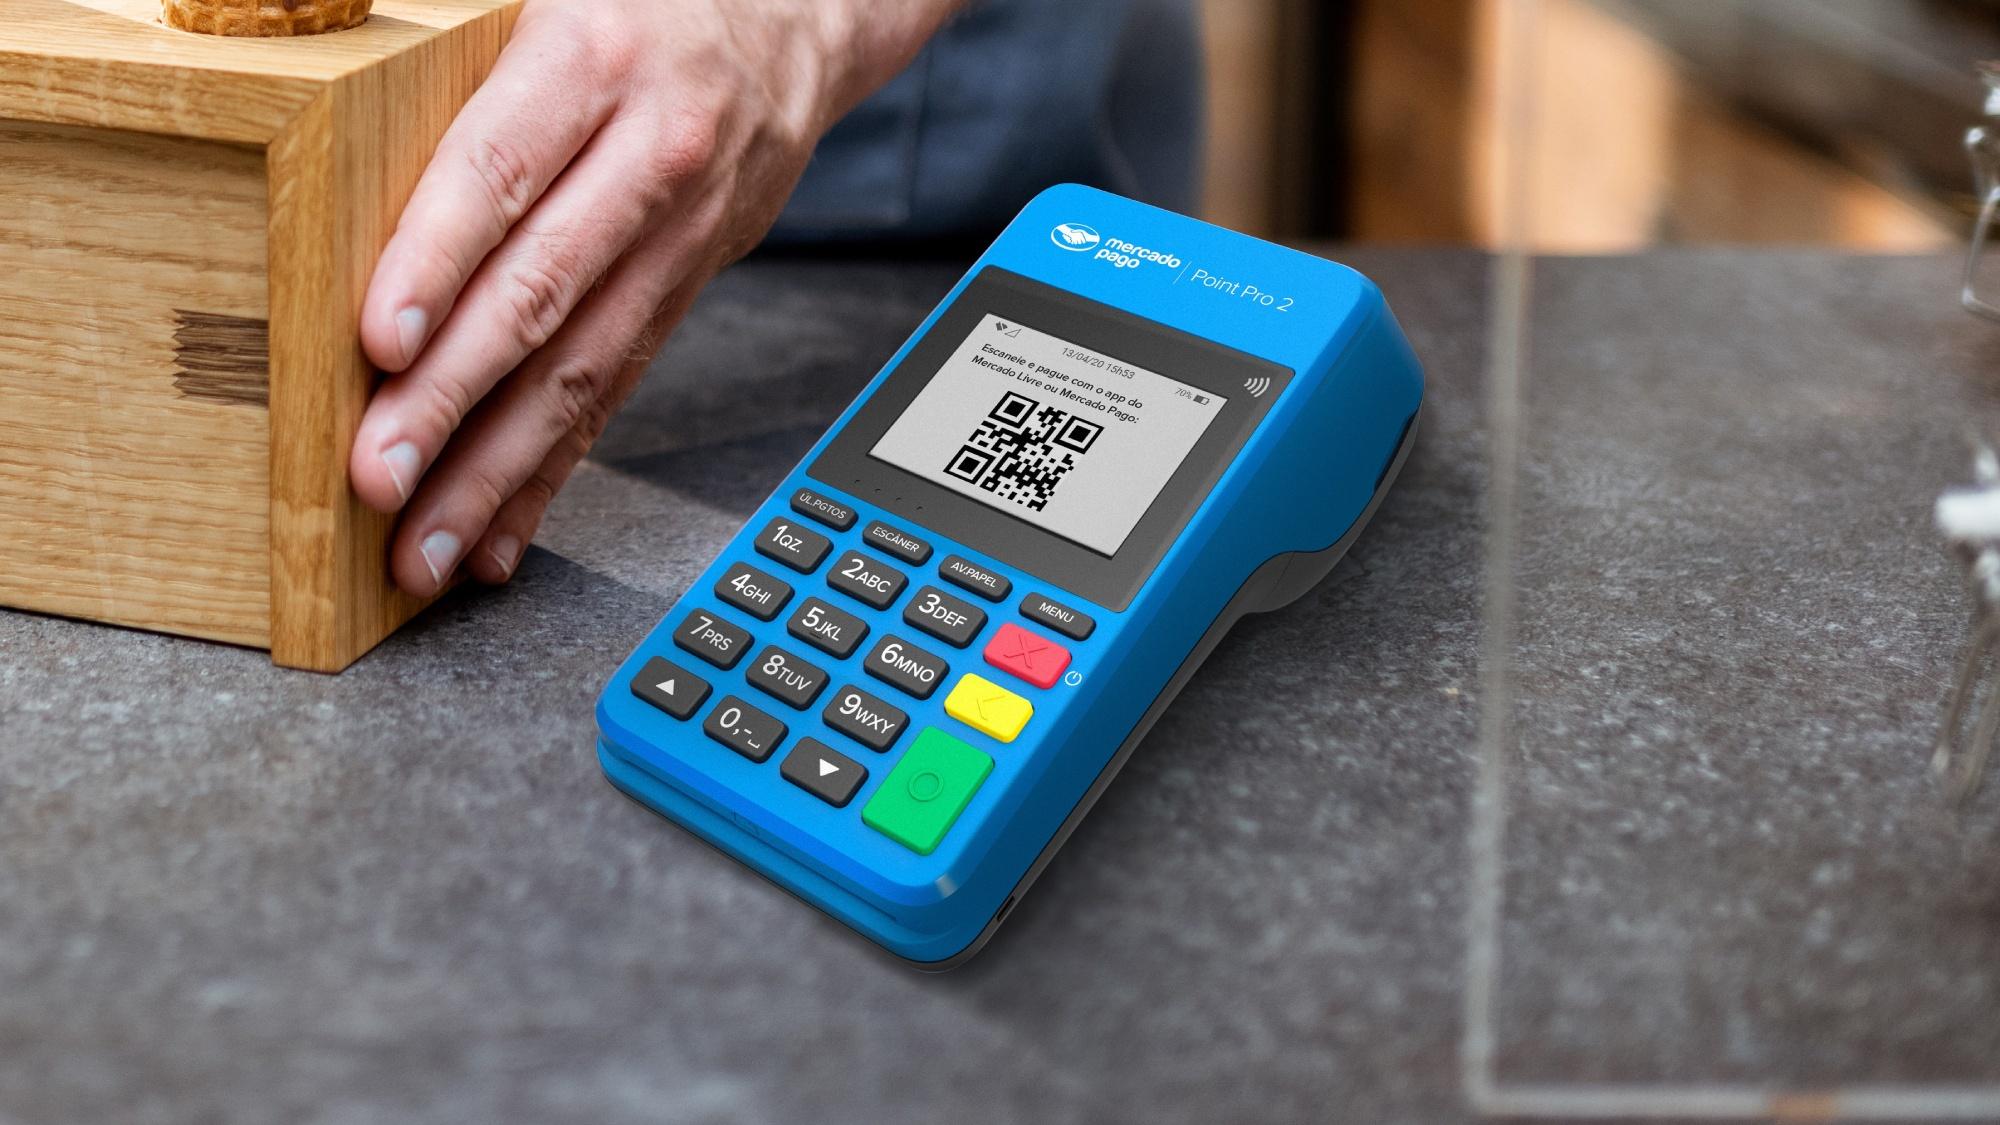 Mercado Pago agora oferece Pix com taxa zero para pequenos negócios   Finanças